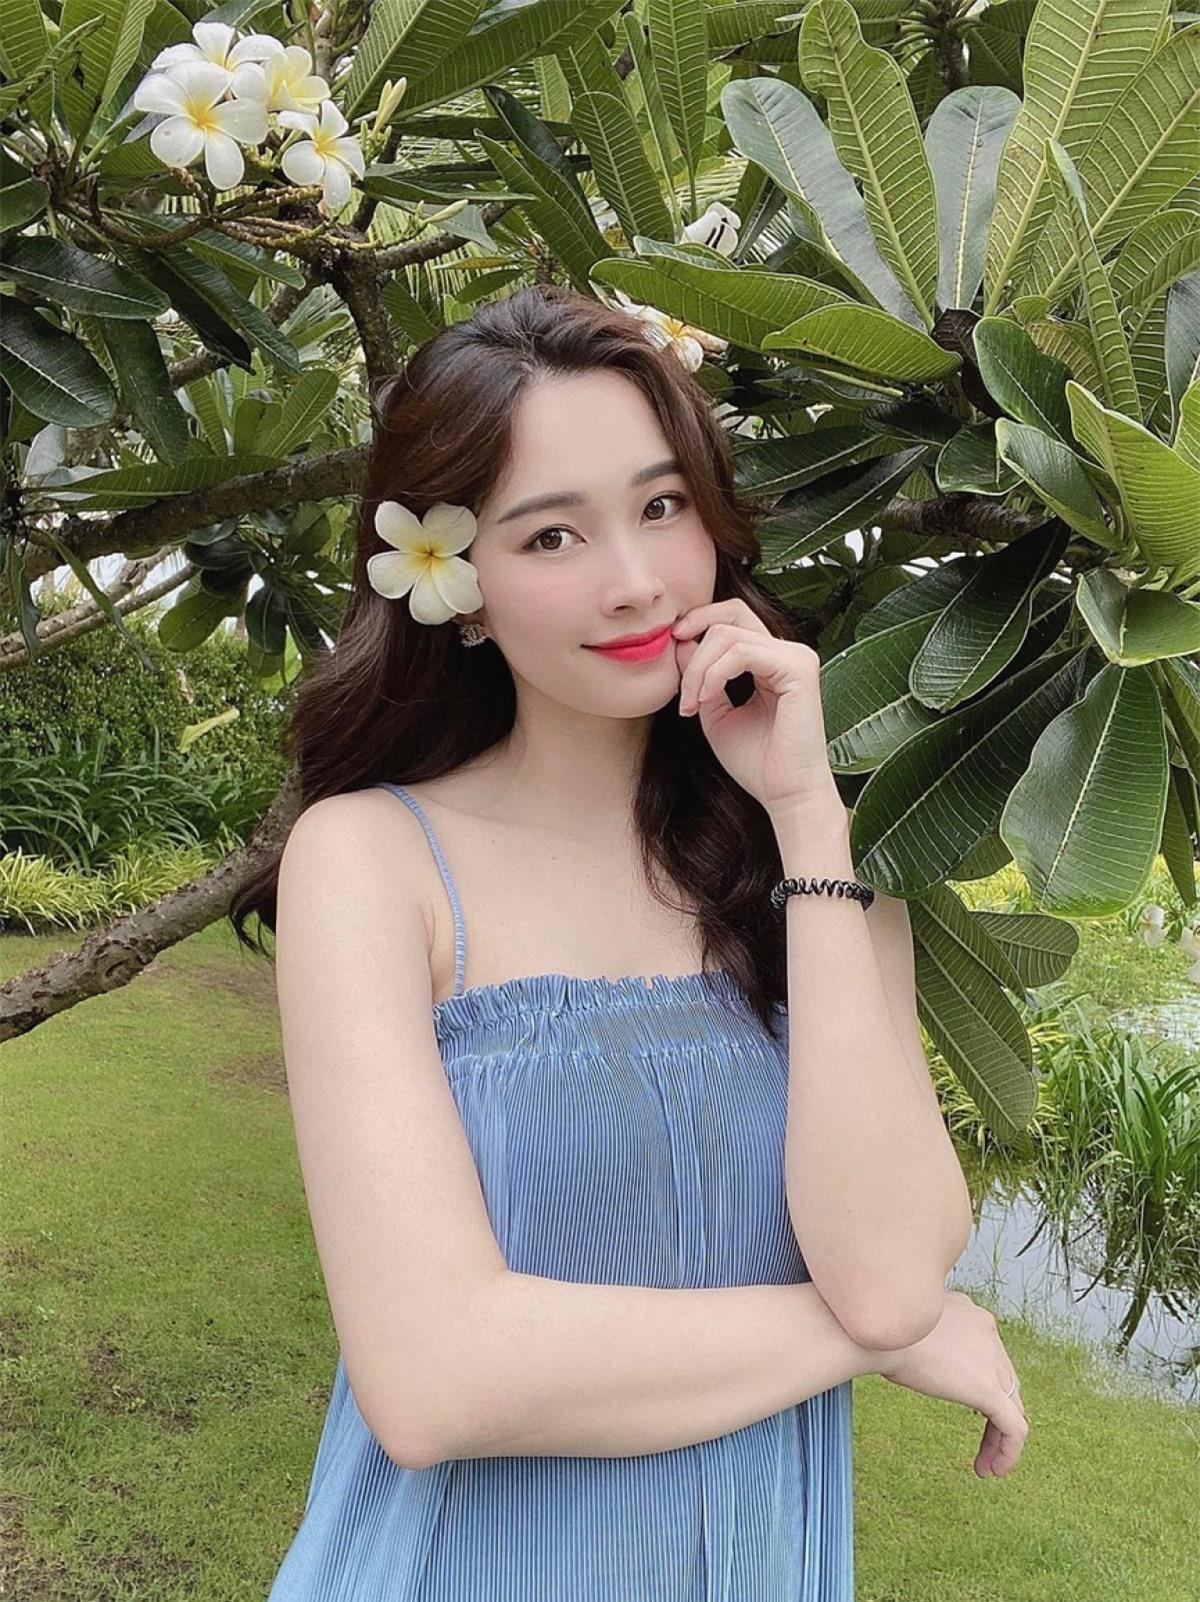 Dù không xuất hiện liên tục nhưng Đặng Thu Thảo vẫn khiến fans ngưỡng mộ với bí quyết chăm sóc sắc đẹp để giữ được vẻ đẹp 'vạn người mê' ở tuổi 30.